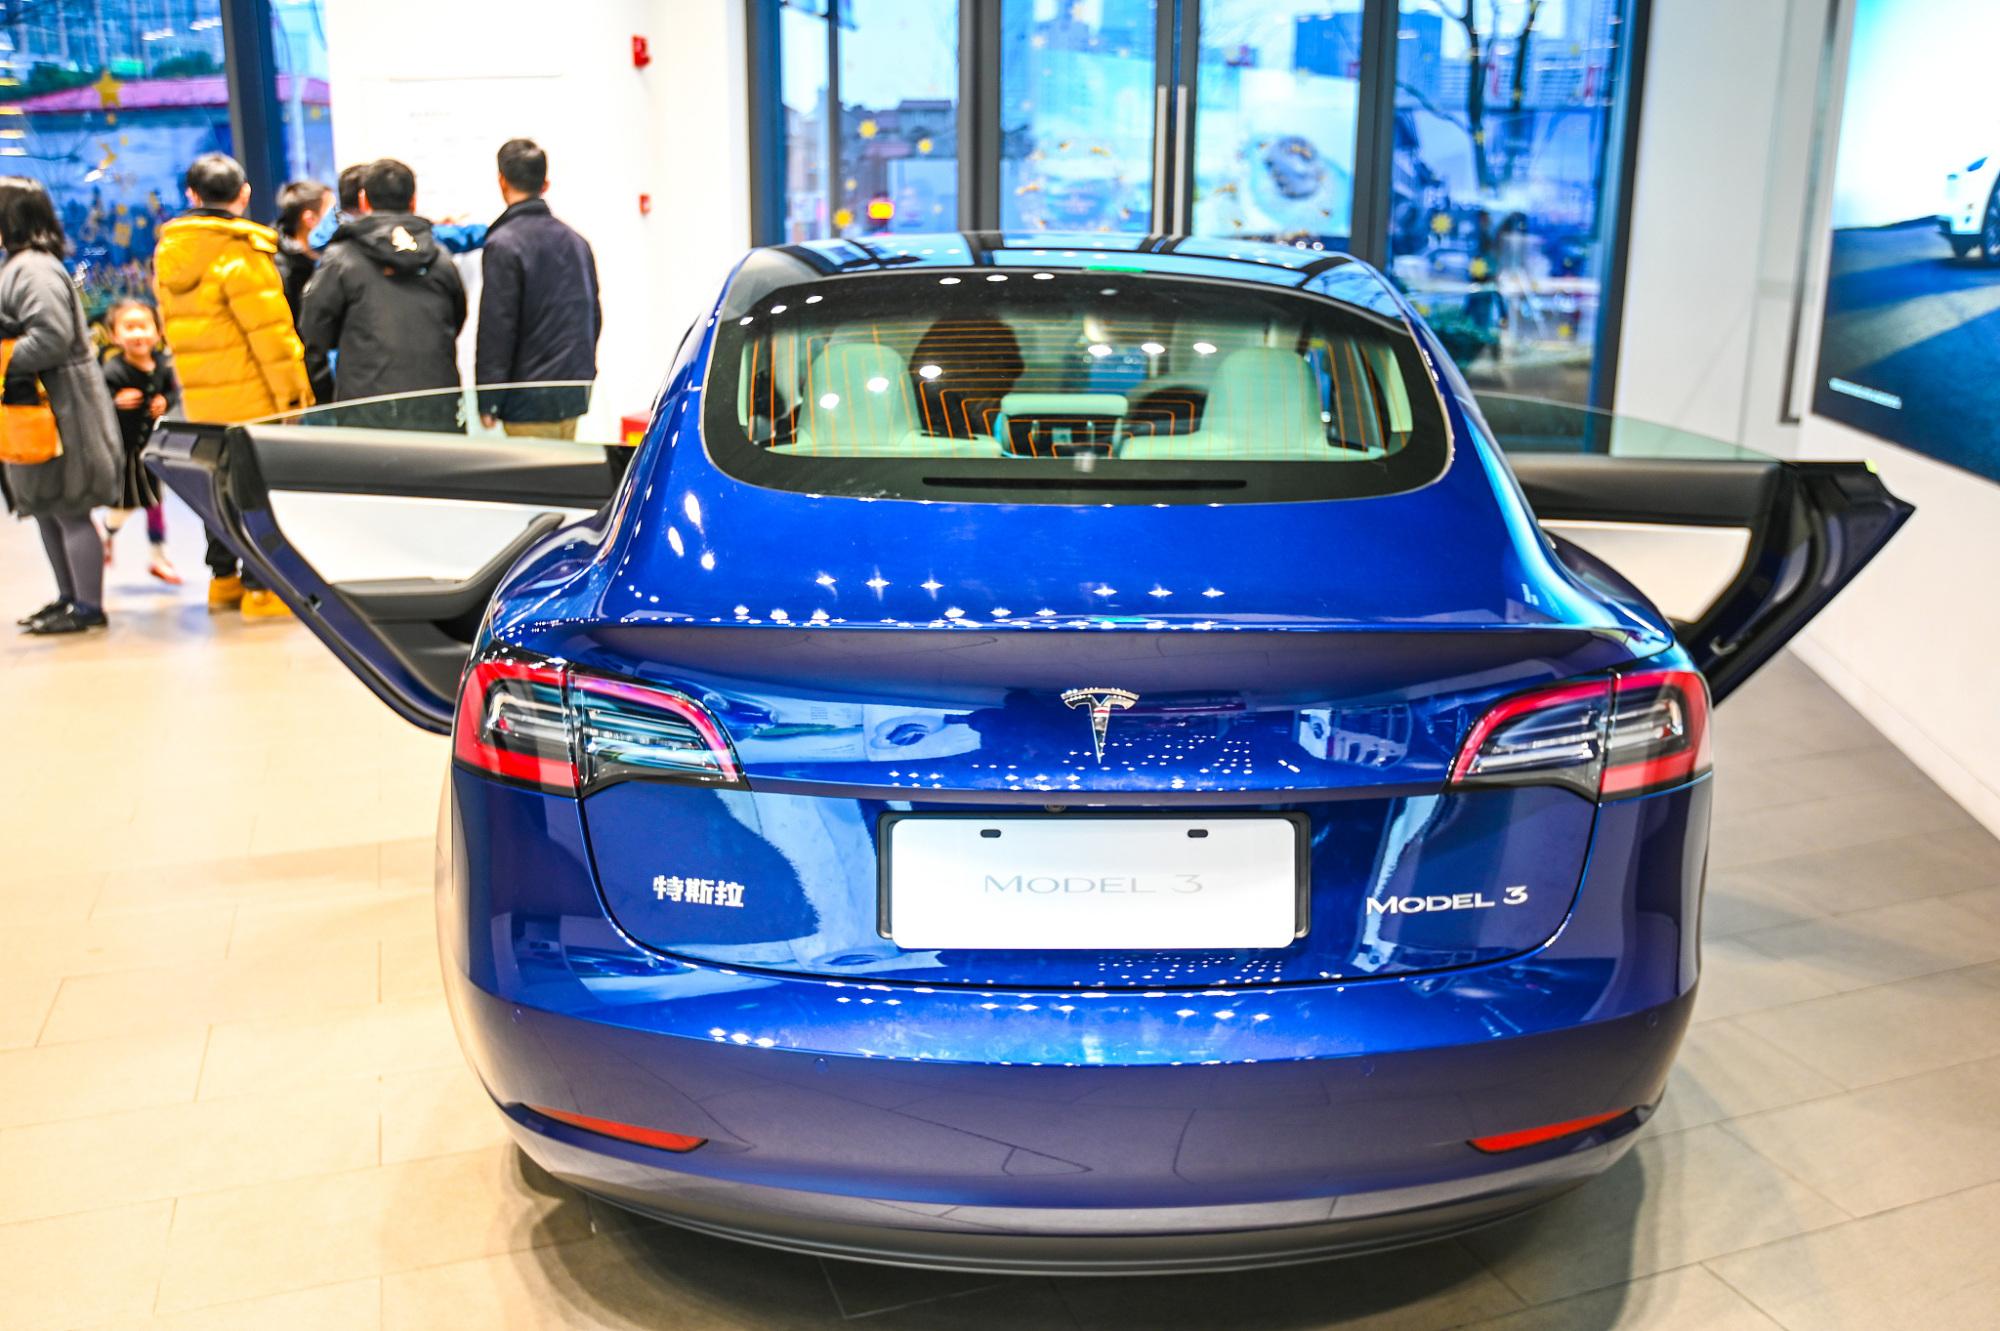 遭声讨后反而涨价,特斯拉上调Model 3价格